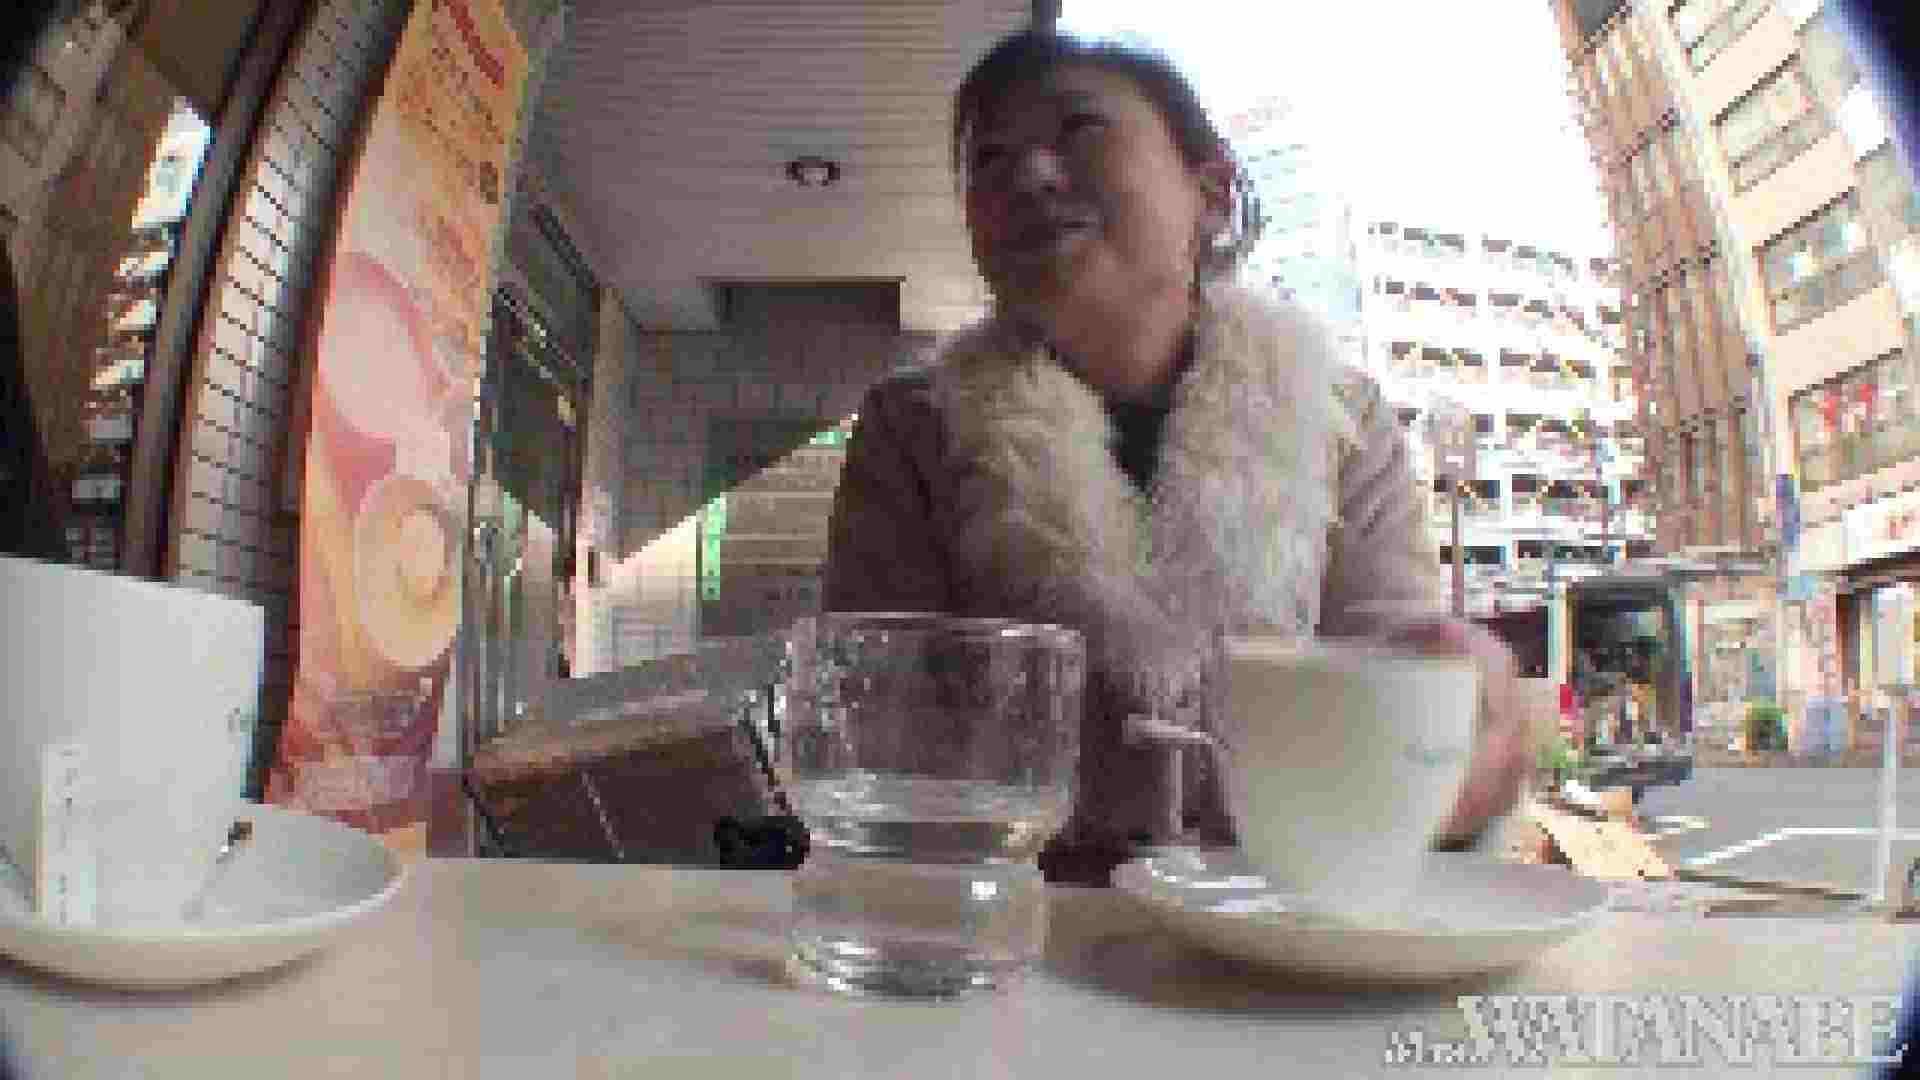 撮影スタッフを誘惑する痴熟女 かおり40歳 Vol.01 OLのエッチ オマンコ動画キャプチャ 73pic 42